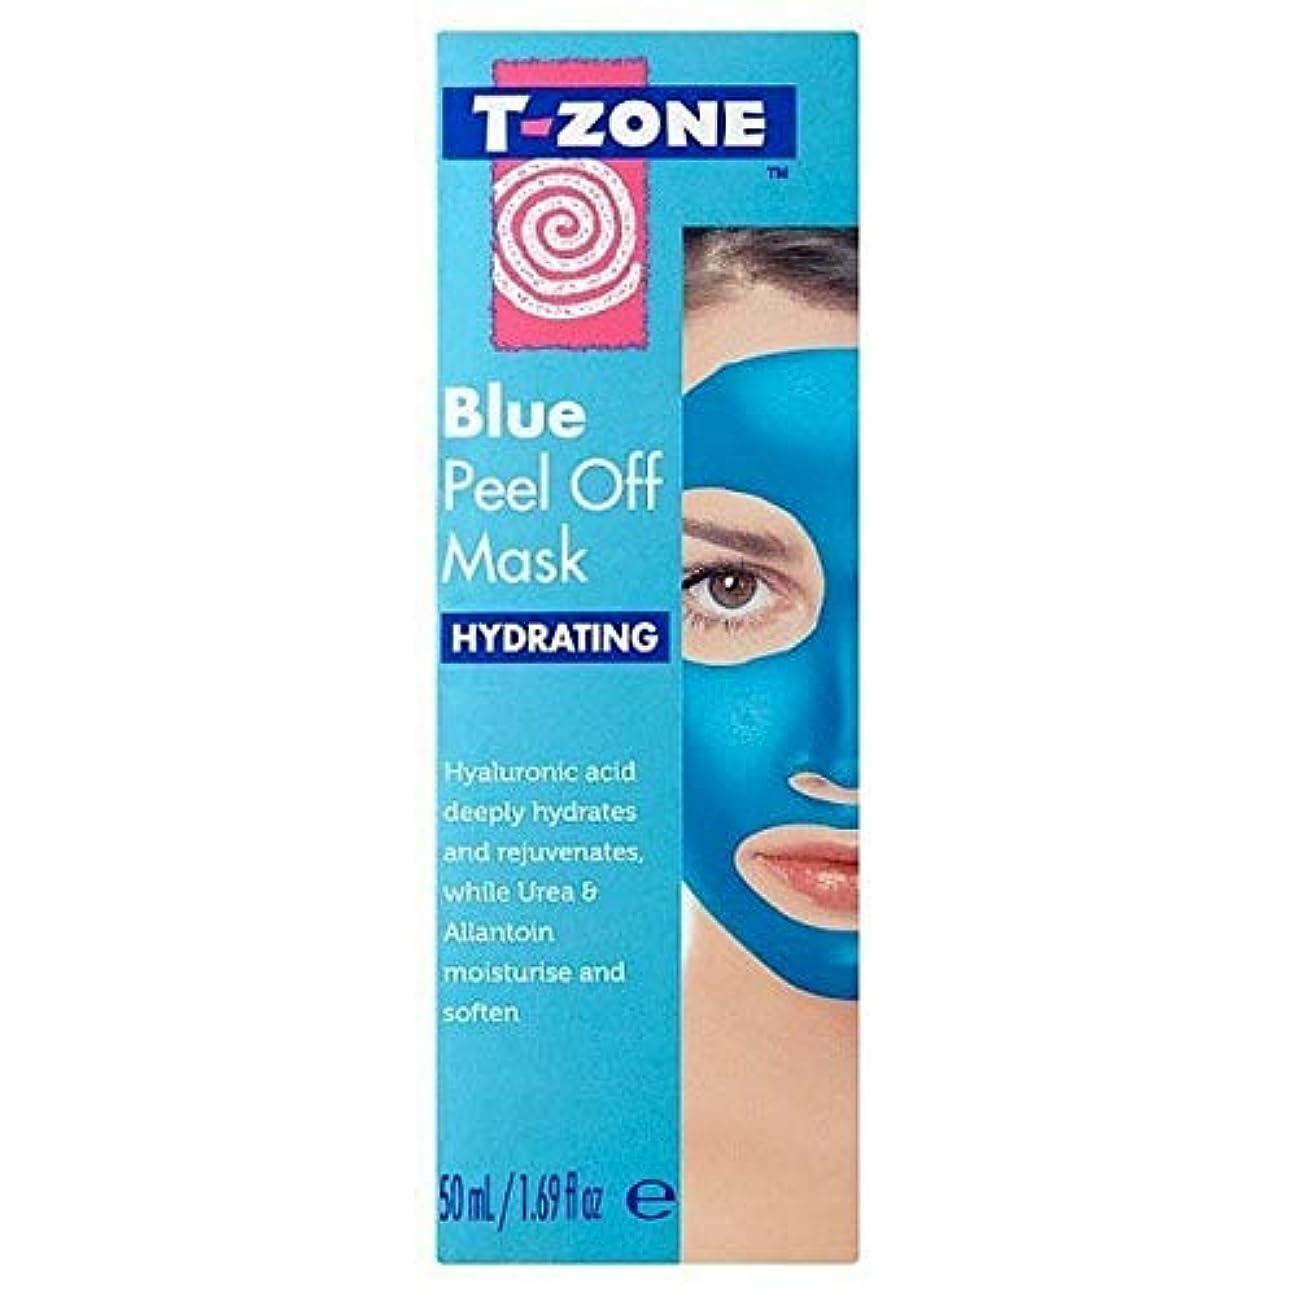 デマンド警戒好奇心[T-Zone] Tゾーン青剥がれハイドレイティングマスク50ミリリットル - T-Zone Blue Peel Off Hydrating Mask 50ml [並行輸入品]